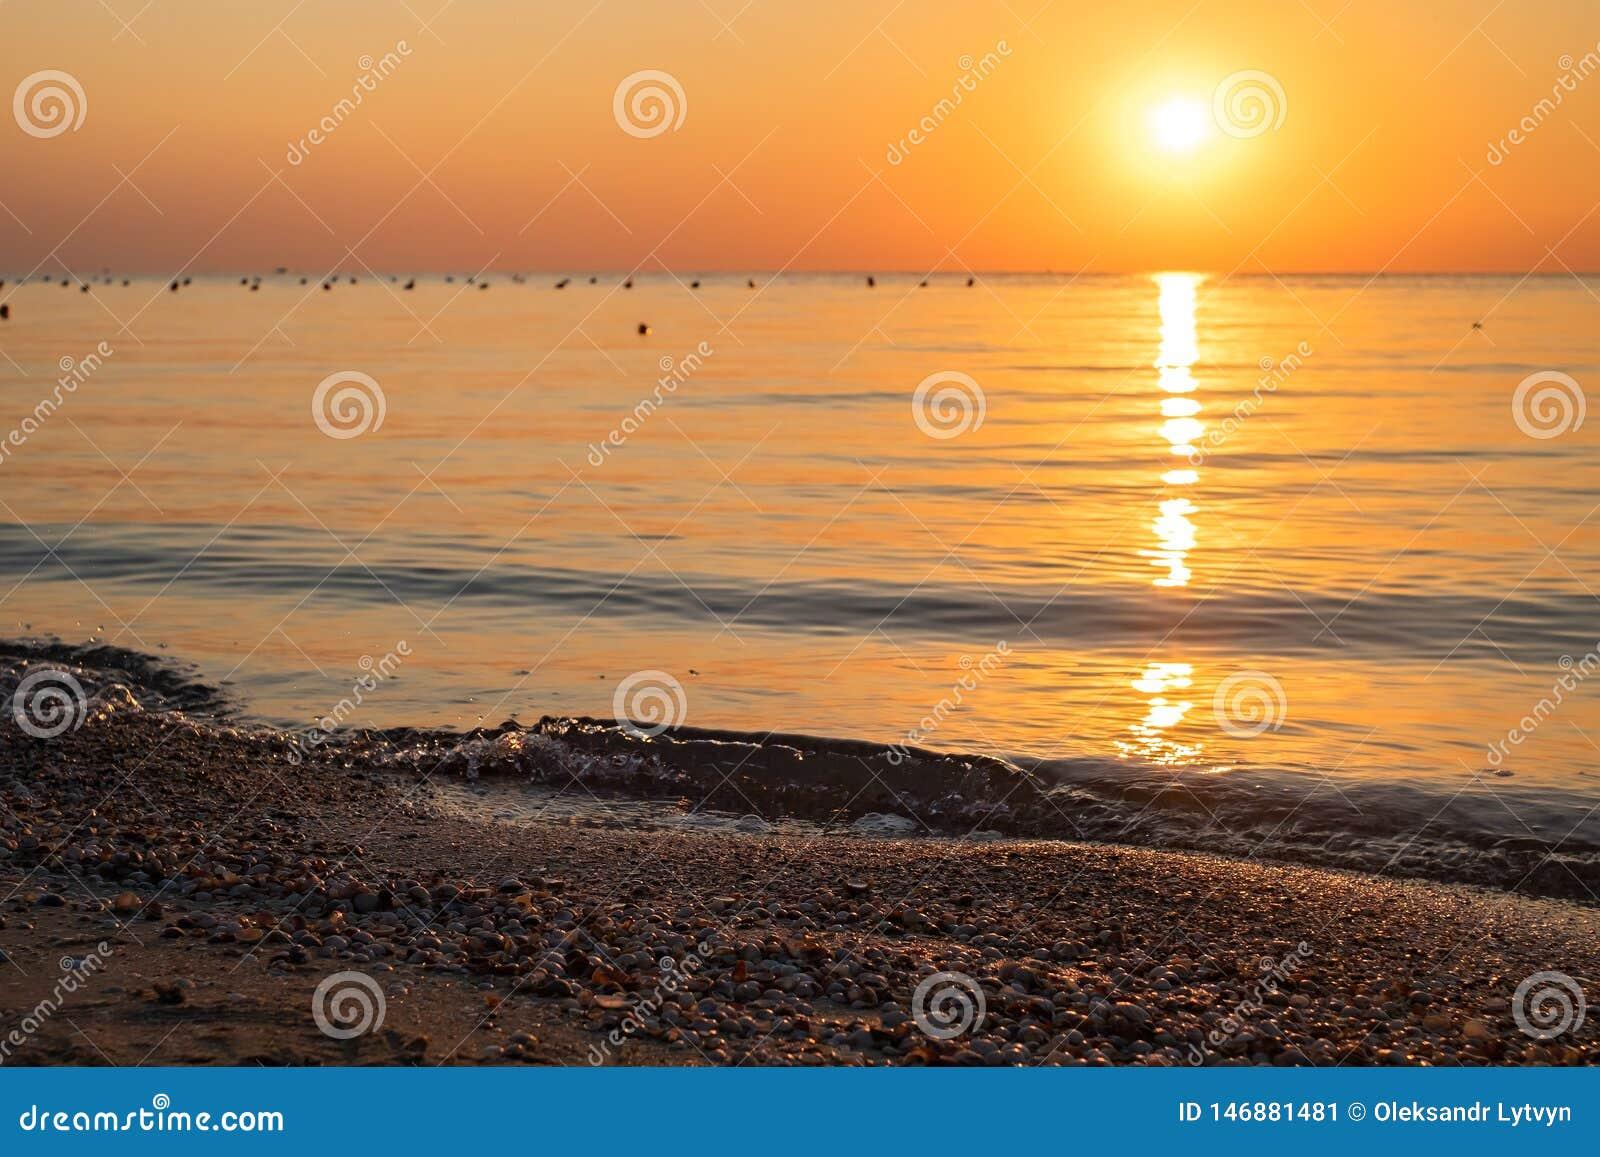 Θαλασσινά κοχύλια στην παραλία θάλασσας ενάντια στο σκηνικό μιας ζωηρόχρωμης αυγής έλεγχος εστίασης